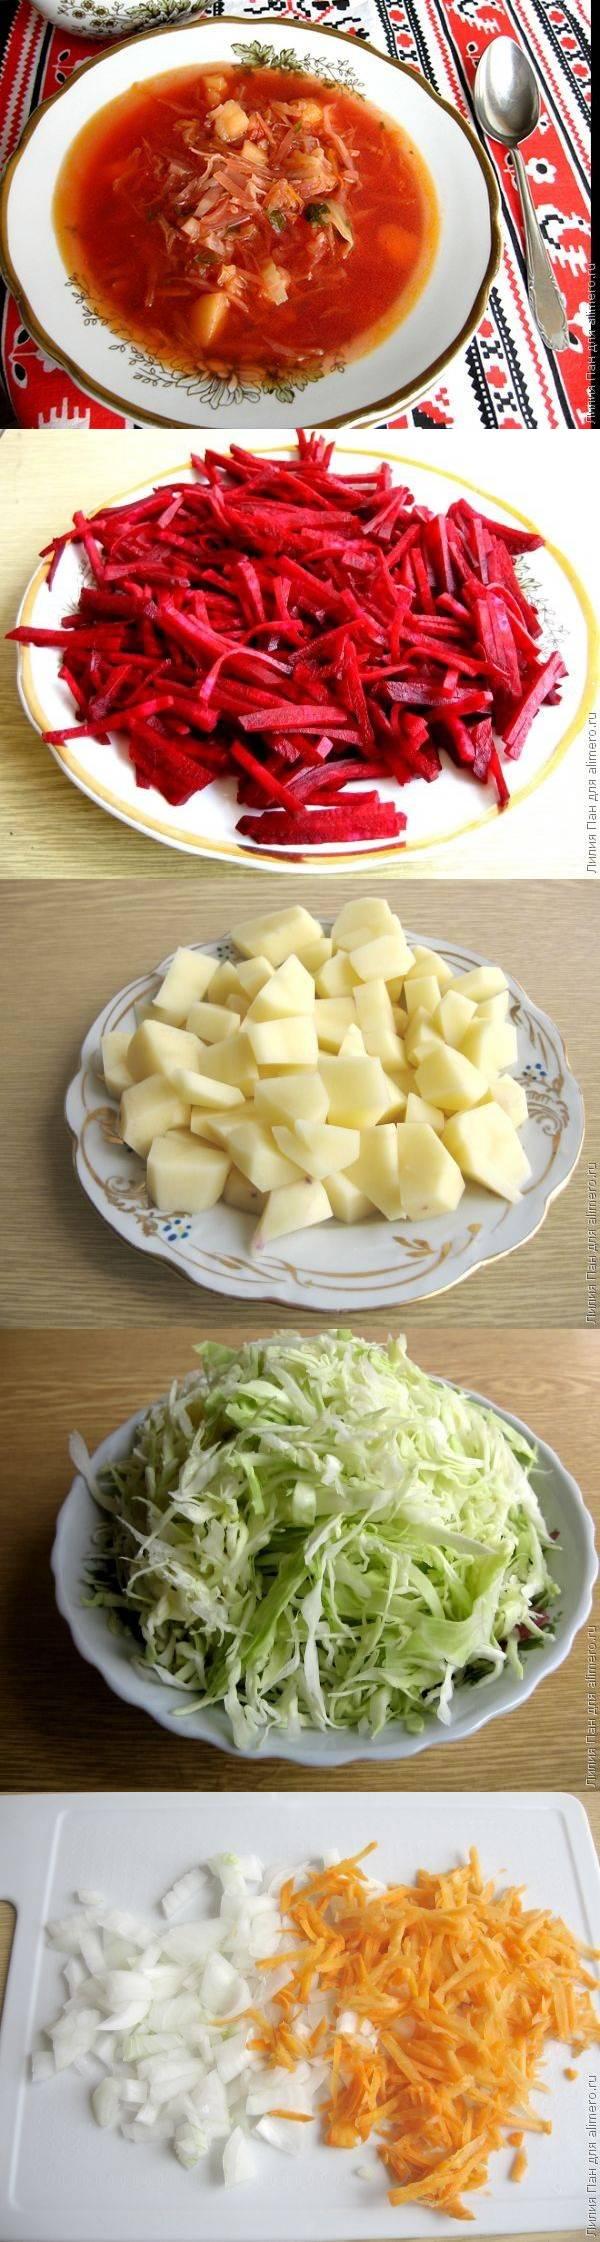 Украинский борщ со свежими помидорами